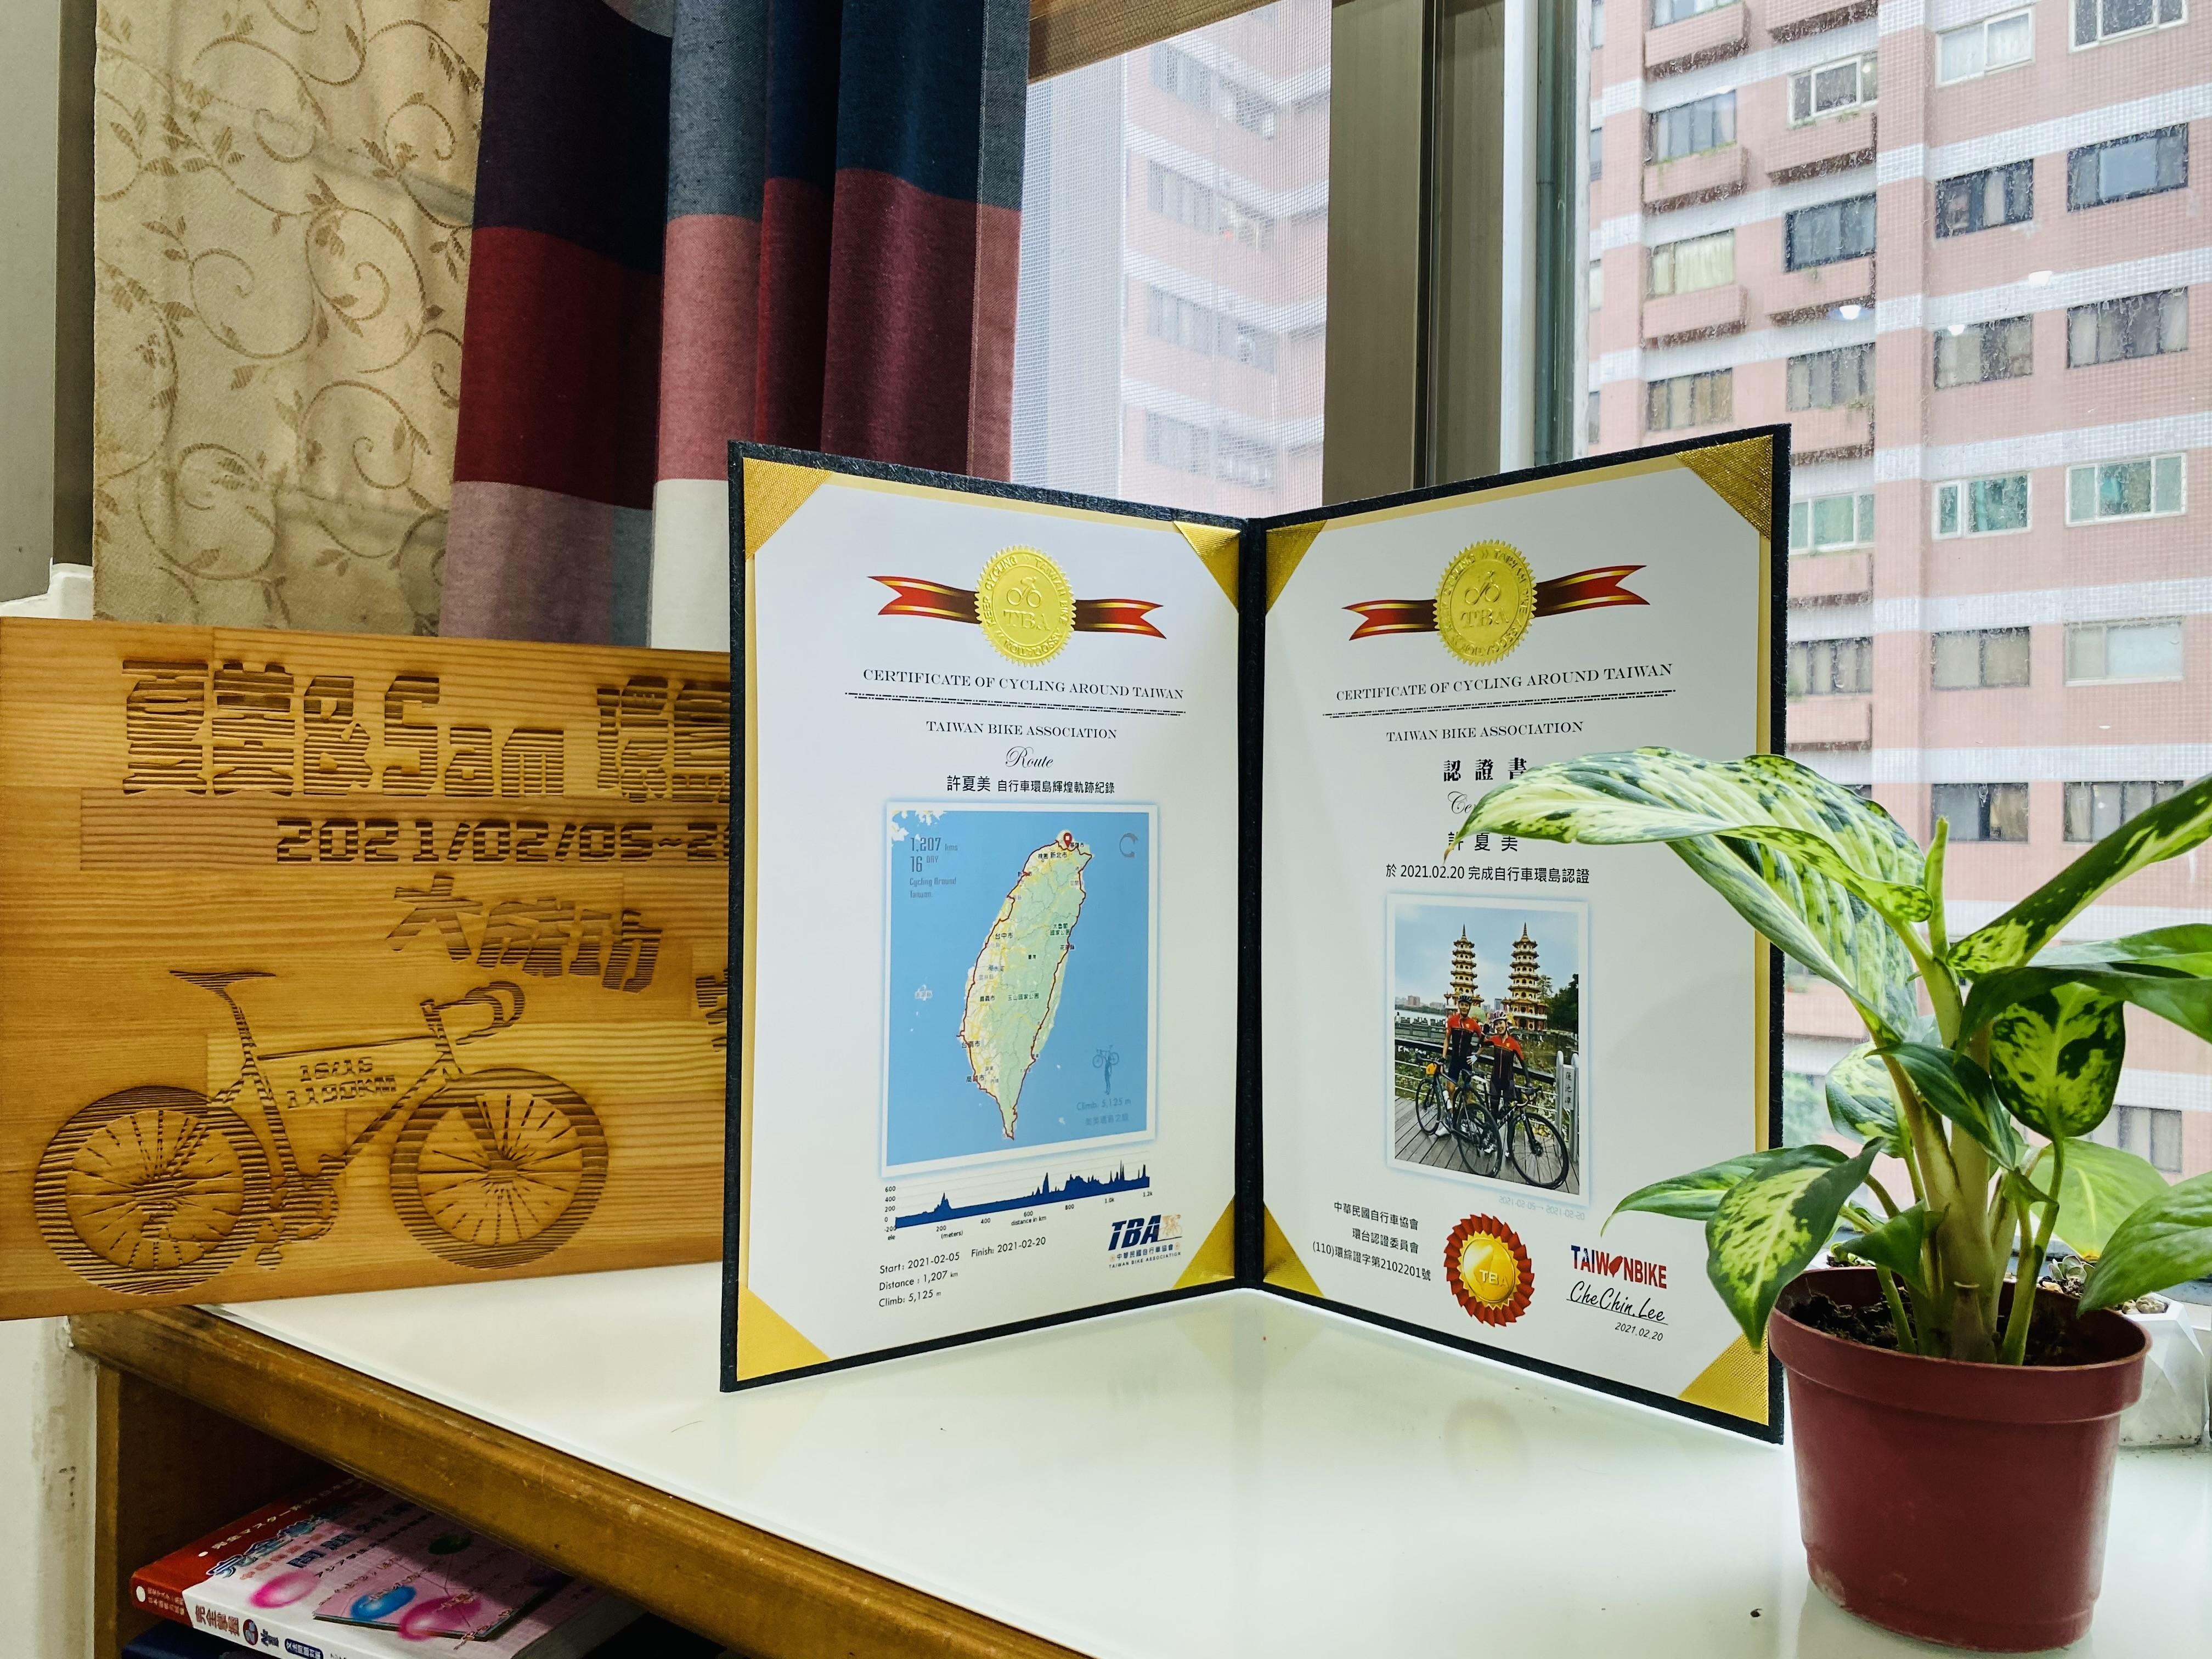 可以向中華民國自行車協會申請環島認證,證書是不是很有質感啊!!